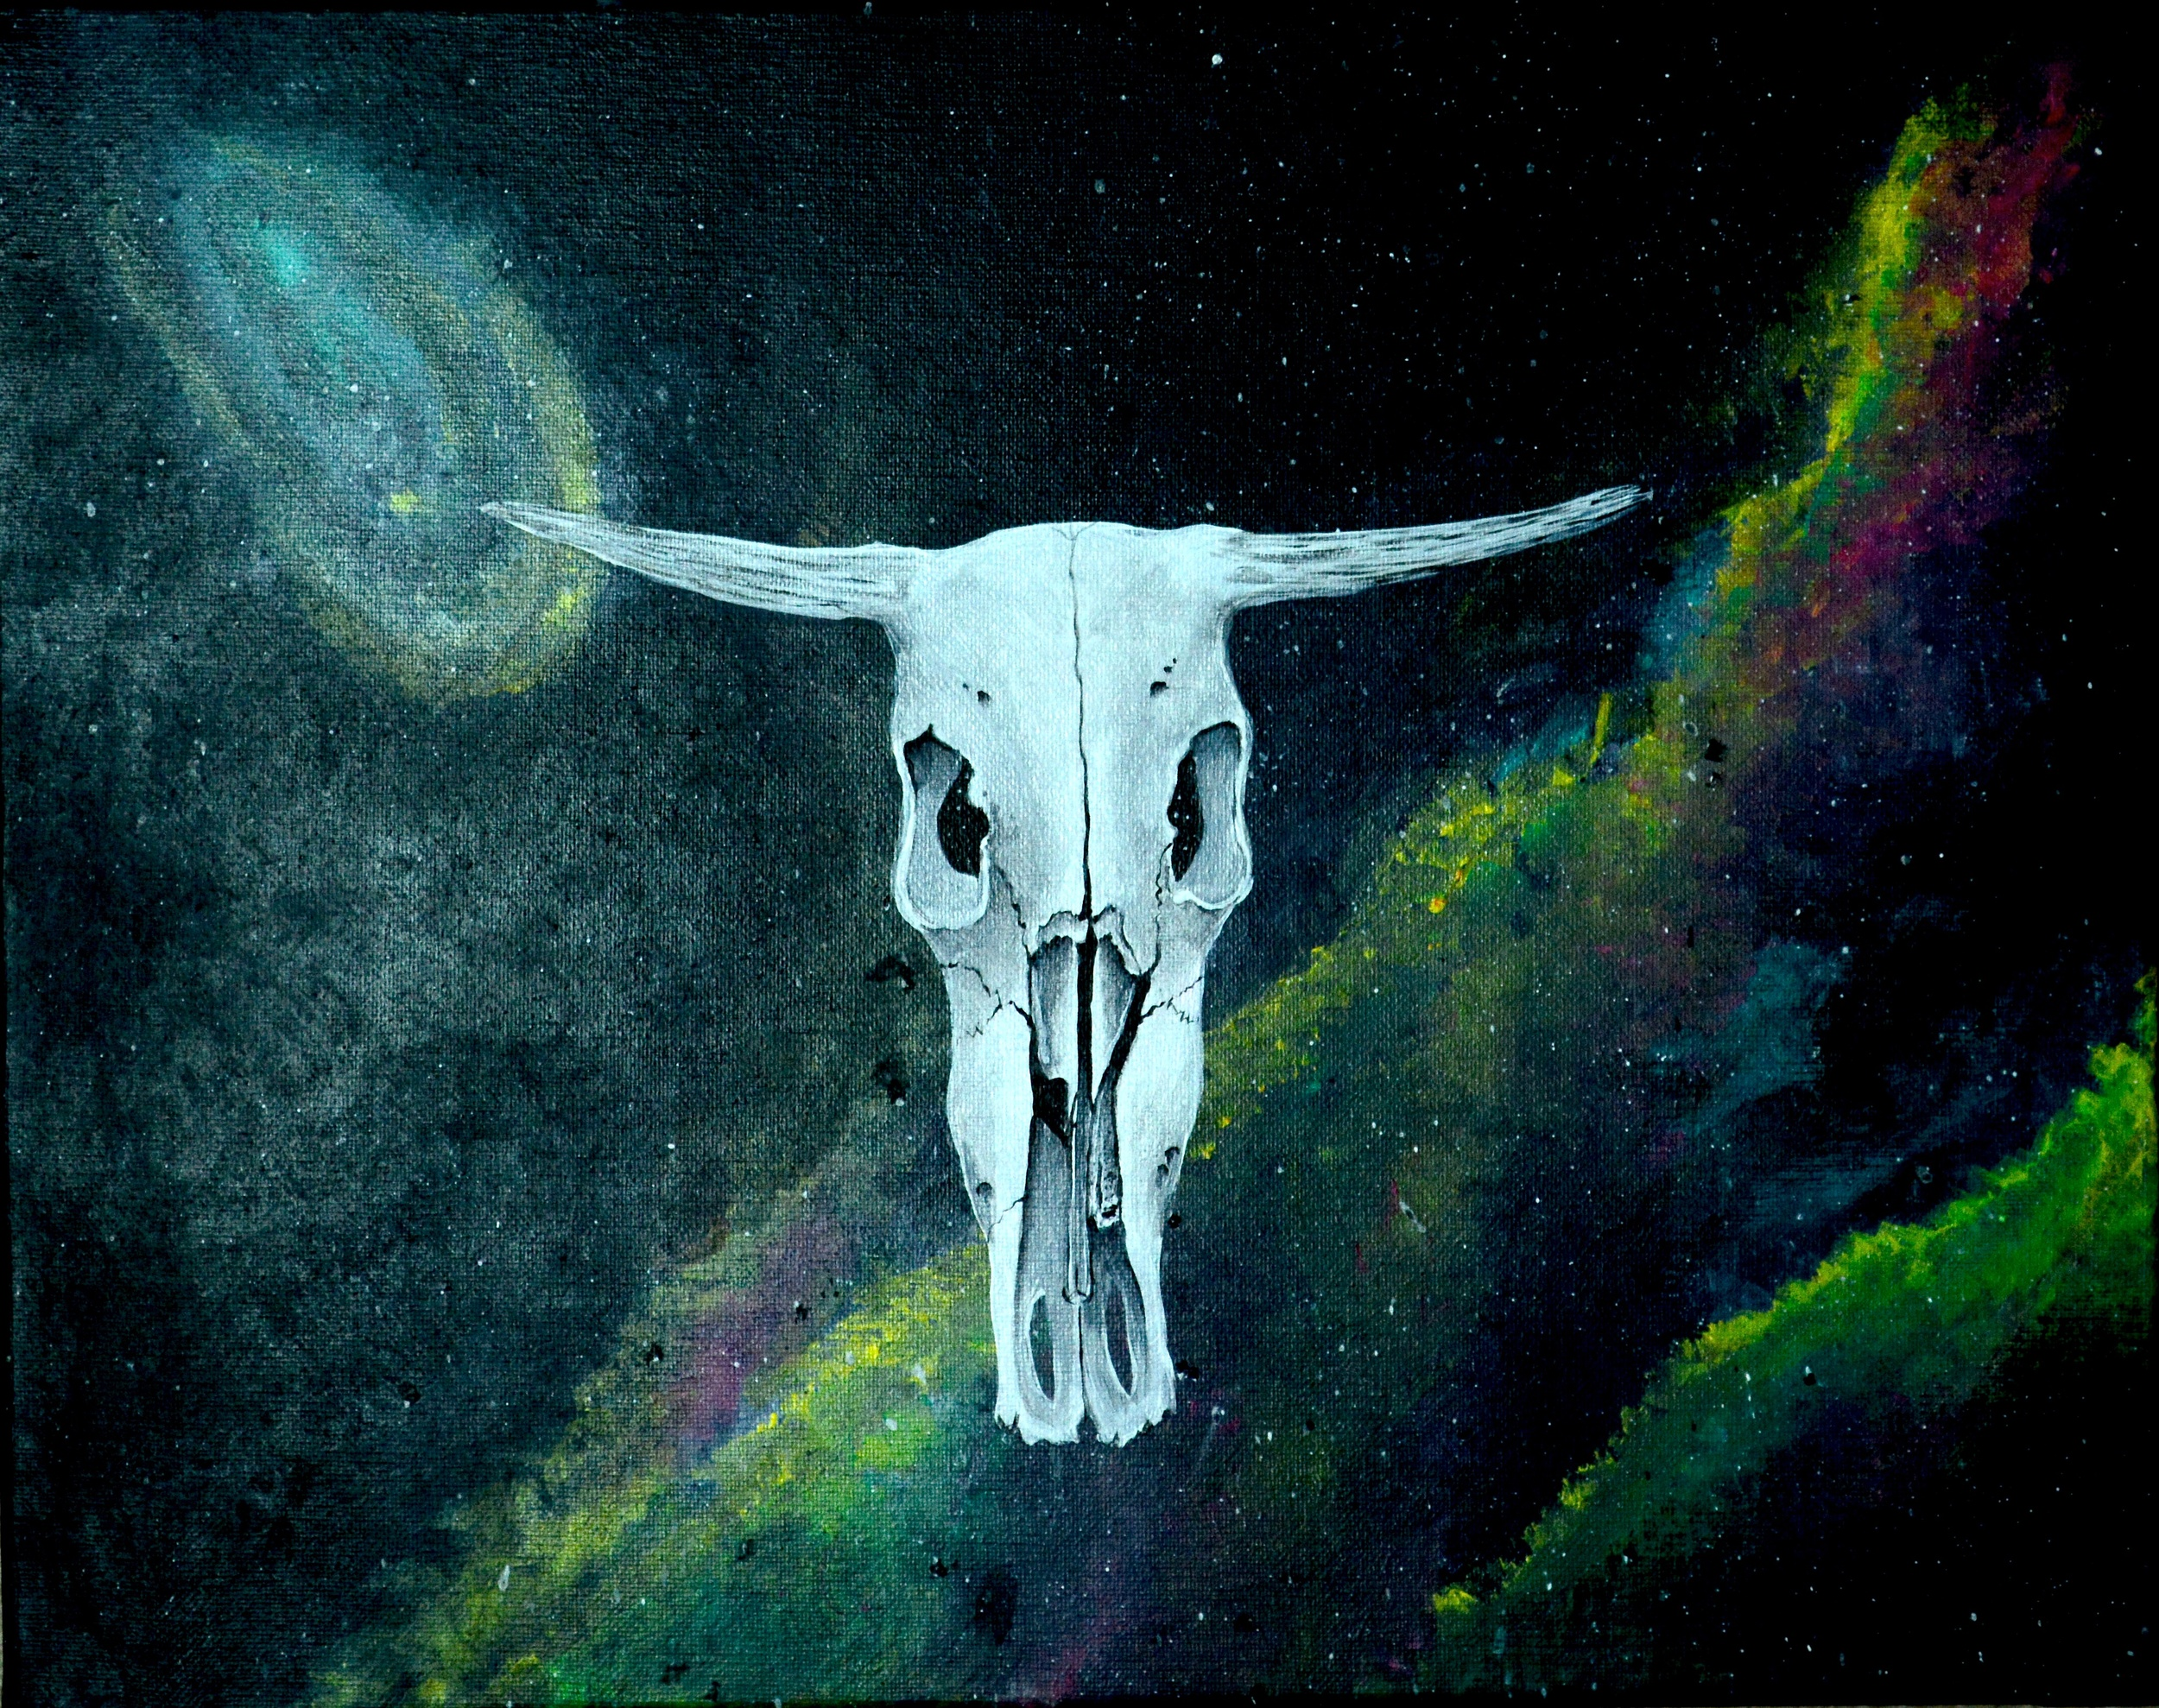 Cow Skull in Space.jpg